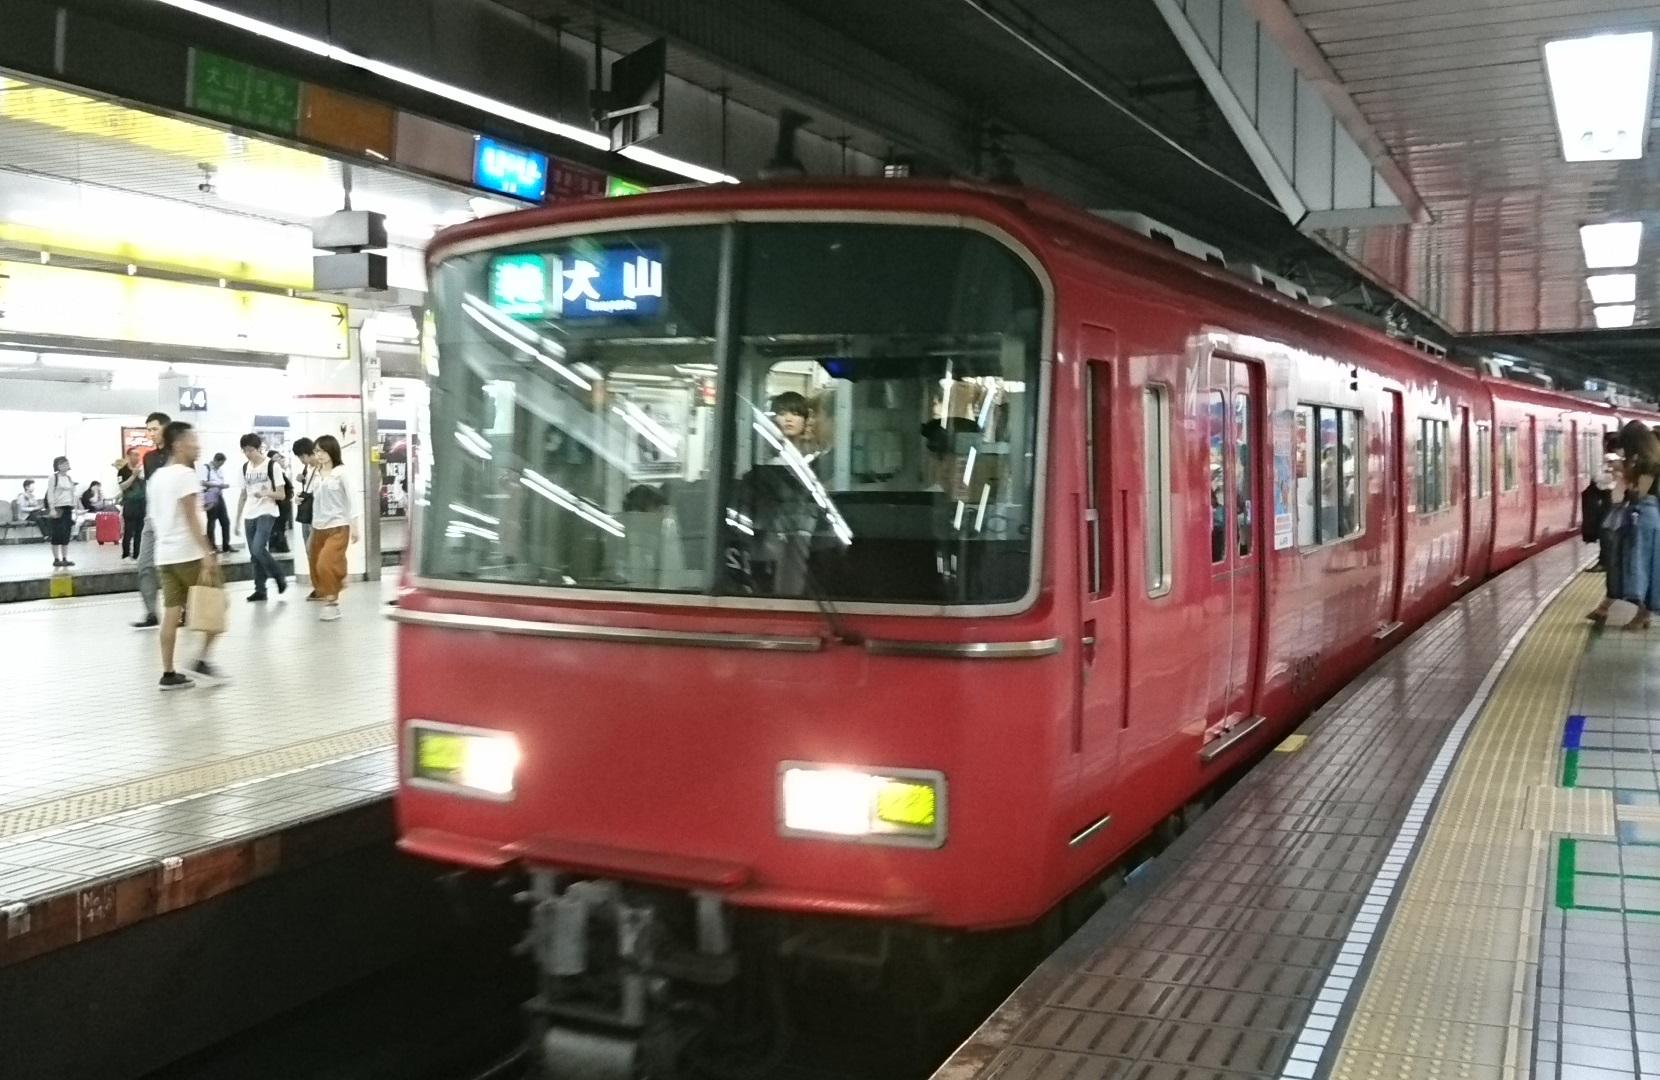 2017.7.19 布袋 (6) 名古屋 - 犬山いき準急 1660-1080